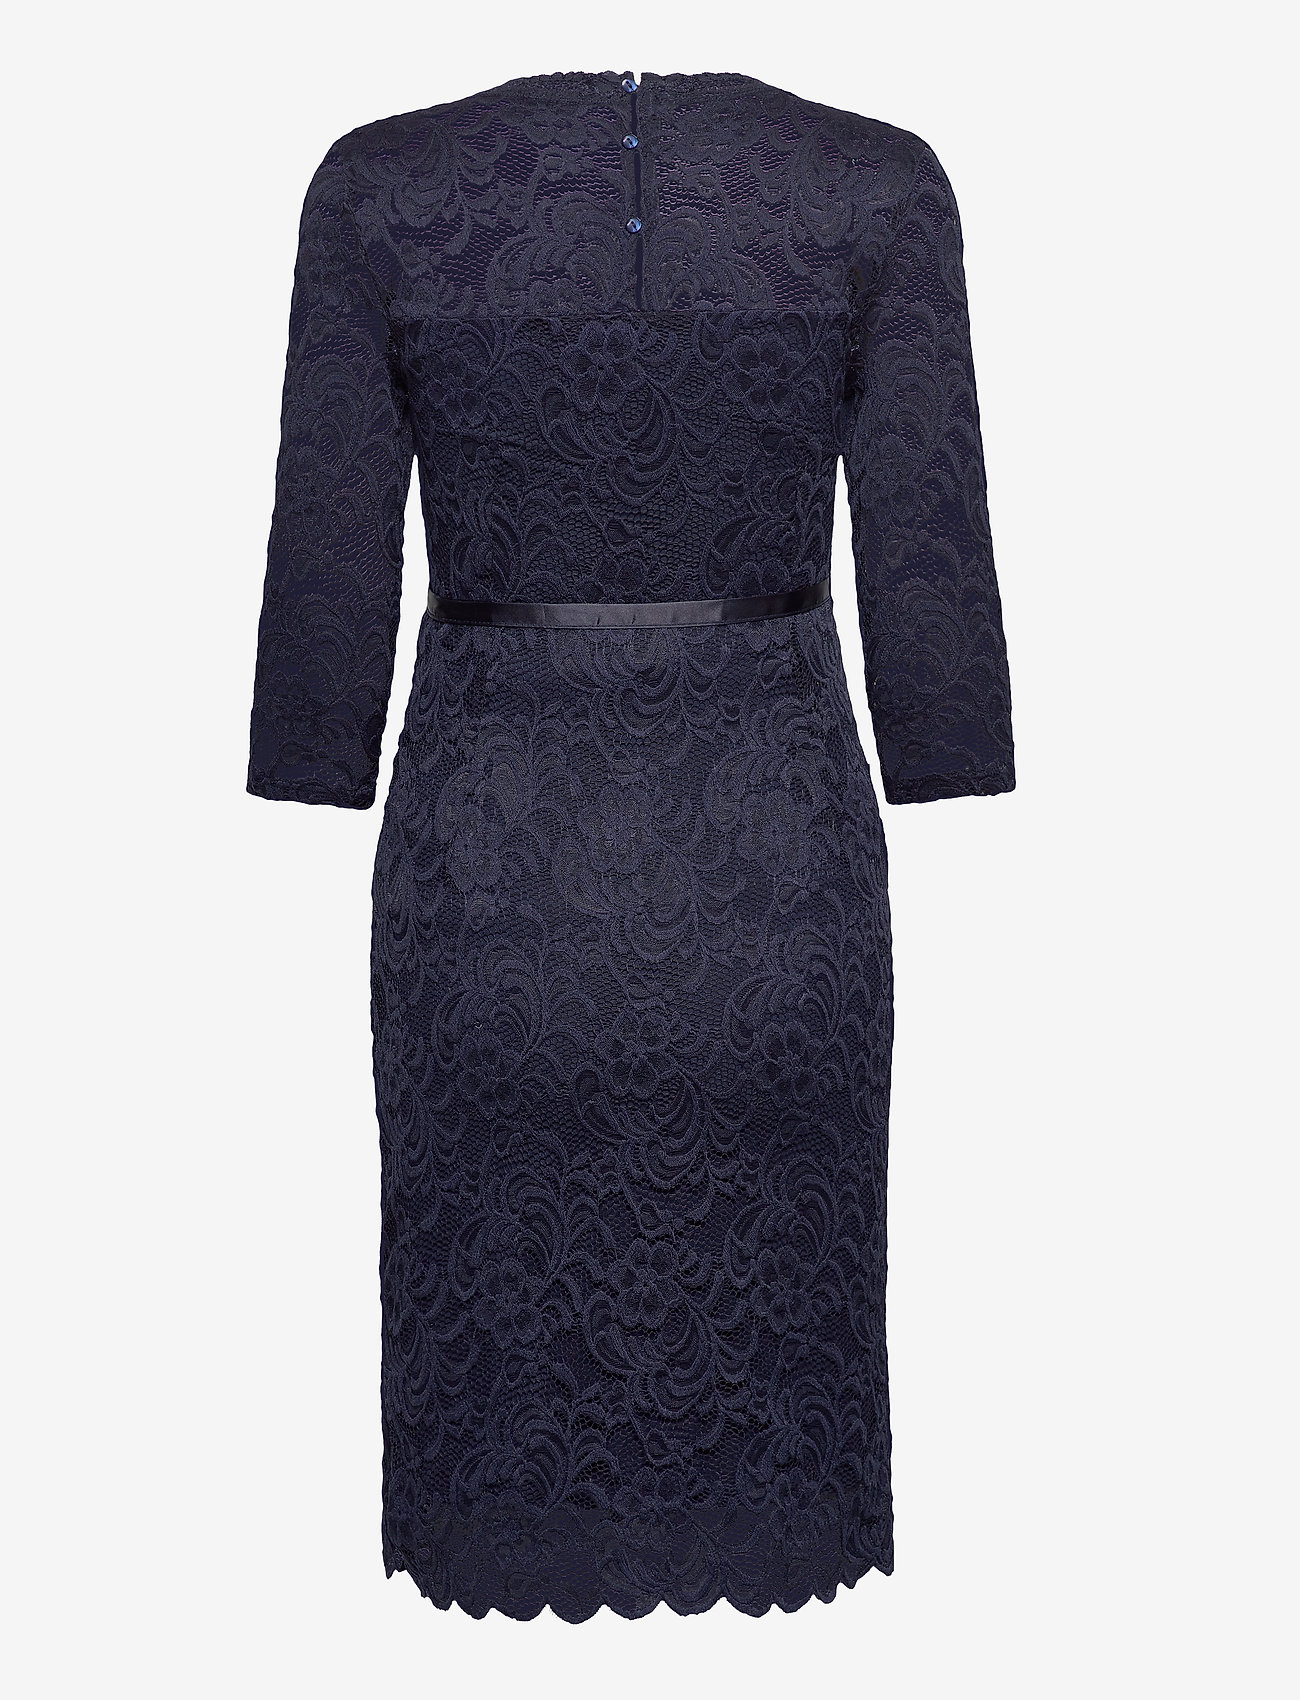 Mamalicious - MLMIVANA 3/4 JERSEY DRESS - bodycon-kjoler - navy blazer - 1